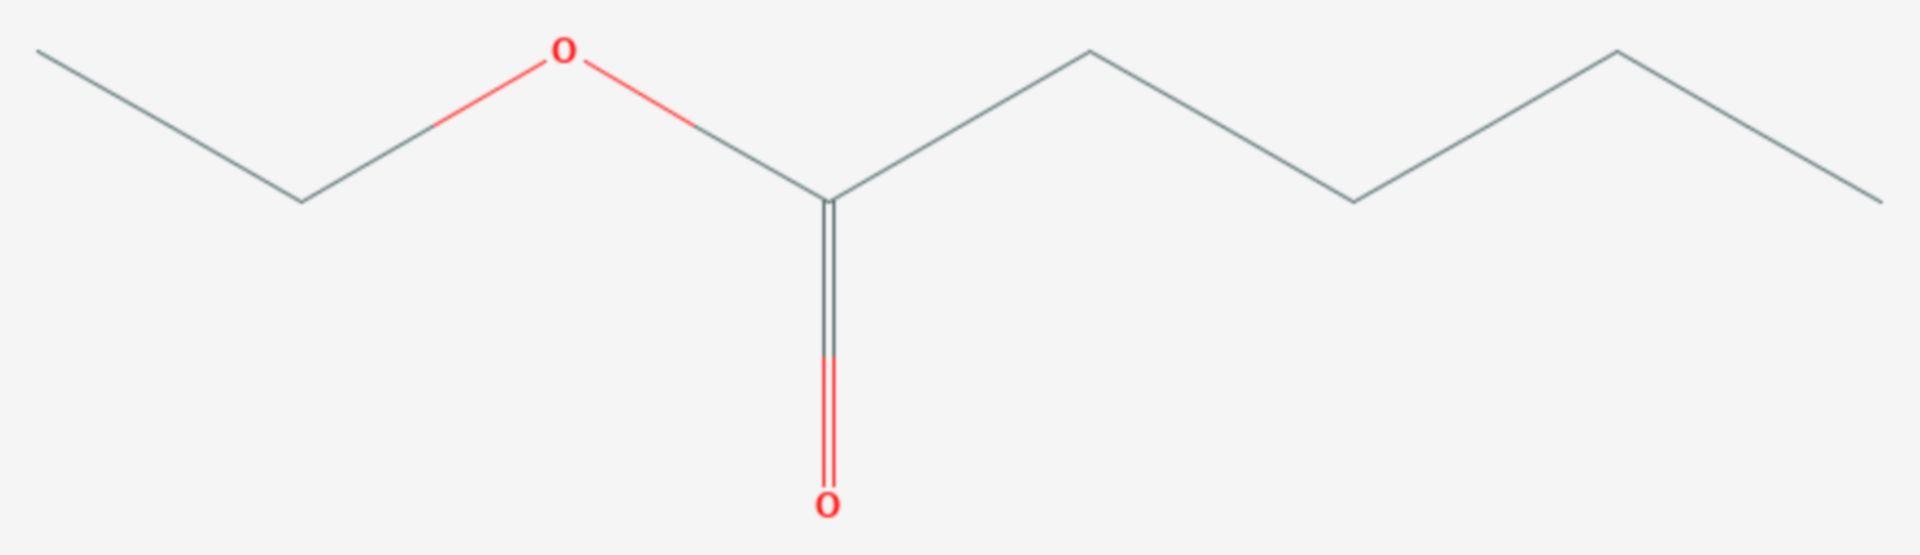 Valeriansäureethylester (Strukturformel)